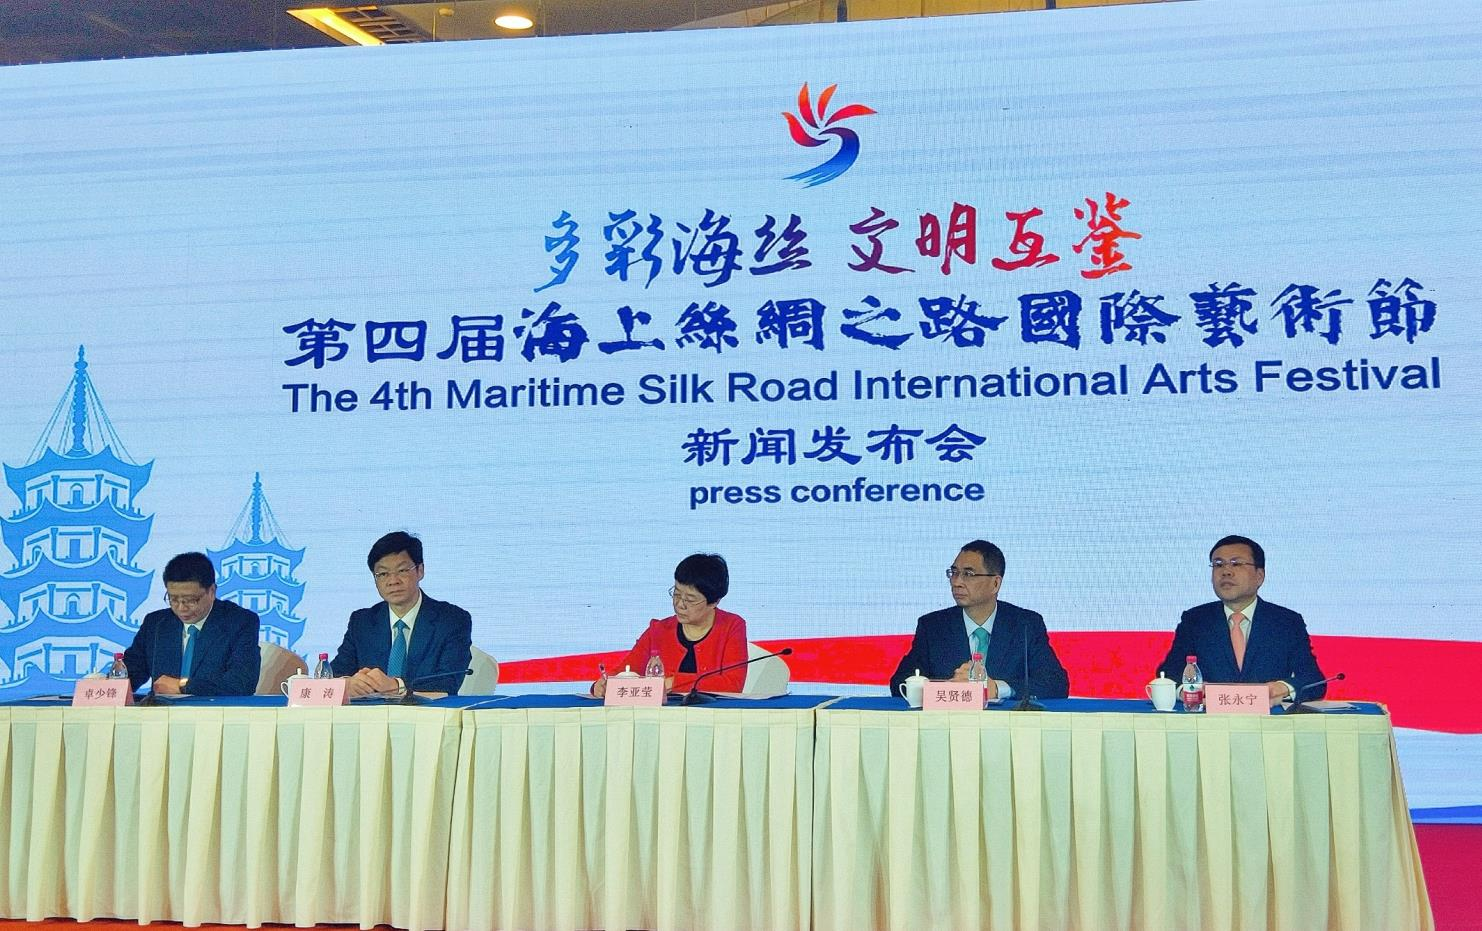 第四屆海上絲綢之路國際藝術節新聞發佈會現場 朱燁攝